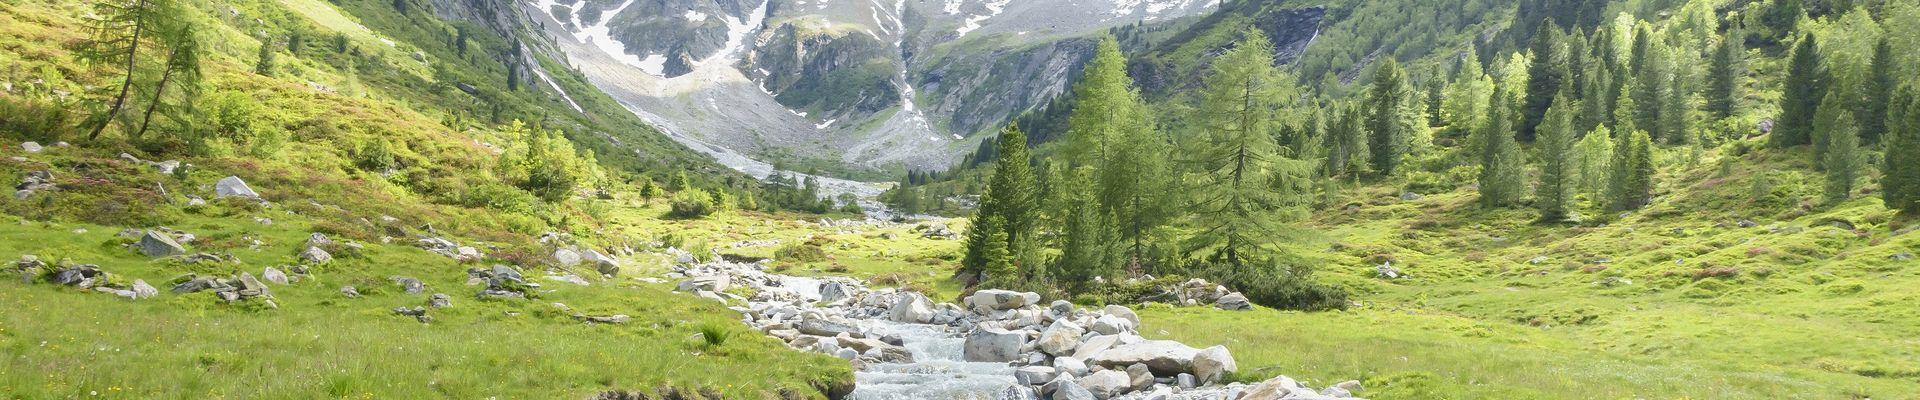 Bergpanorama ©kurz-mal-weg.de